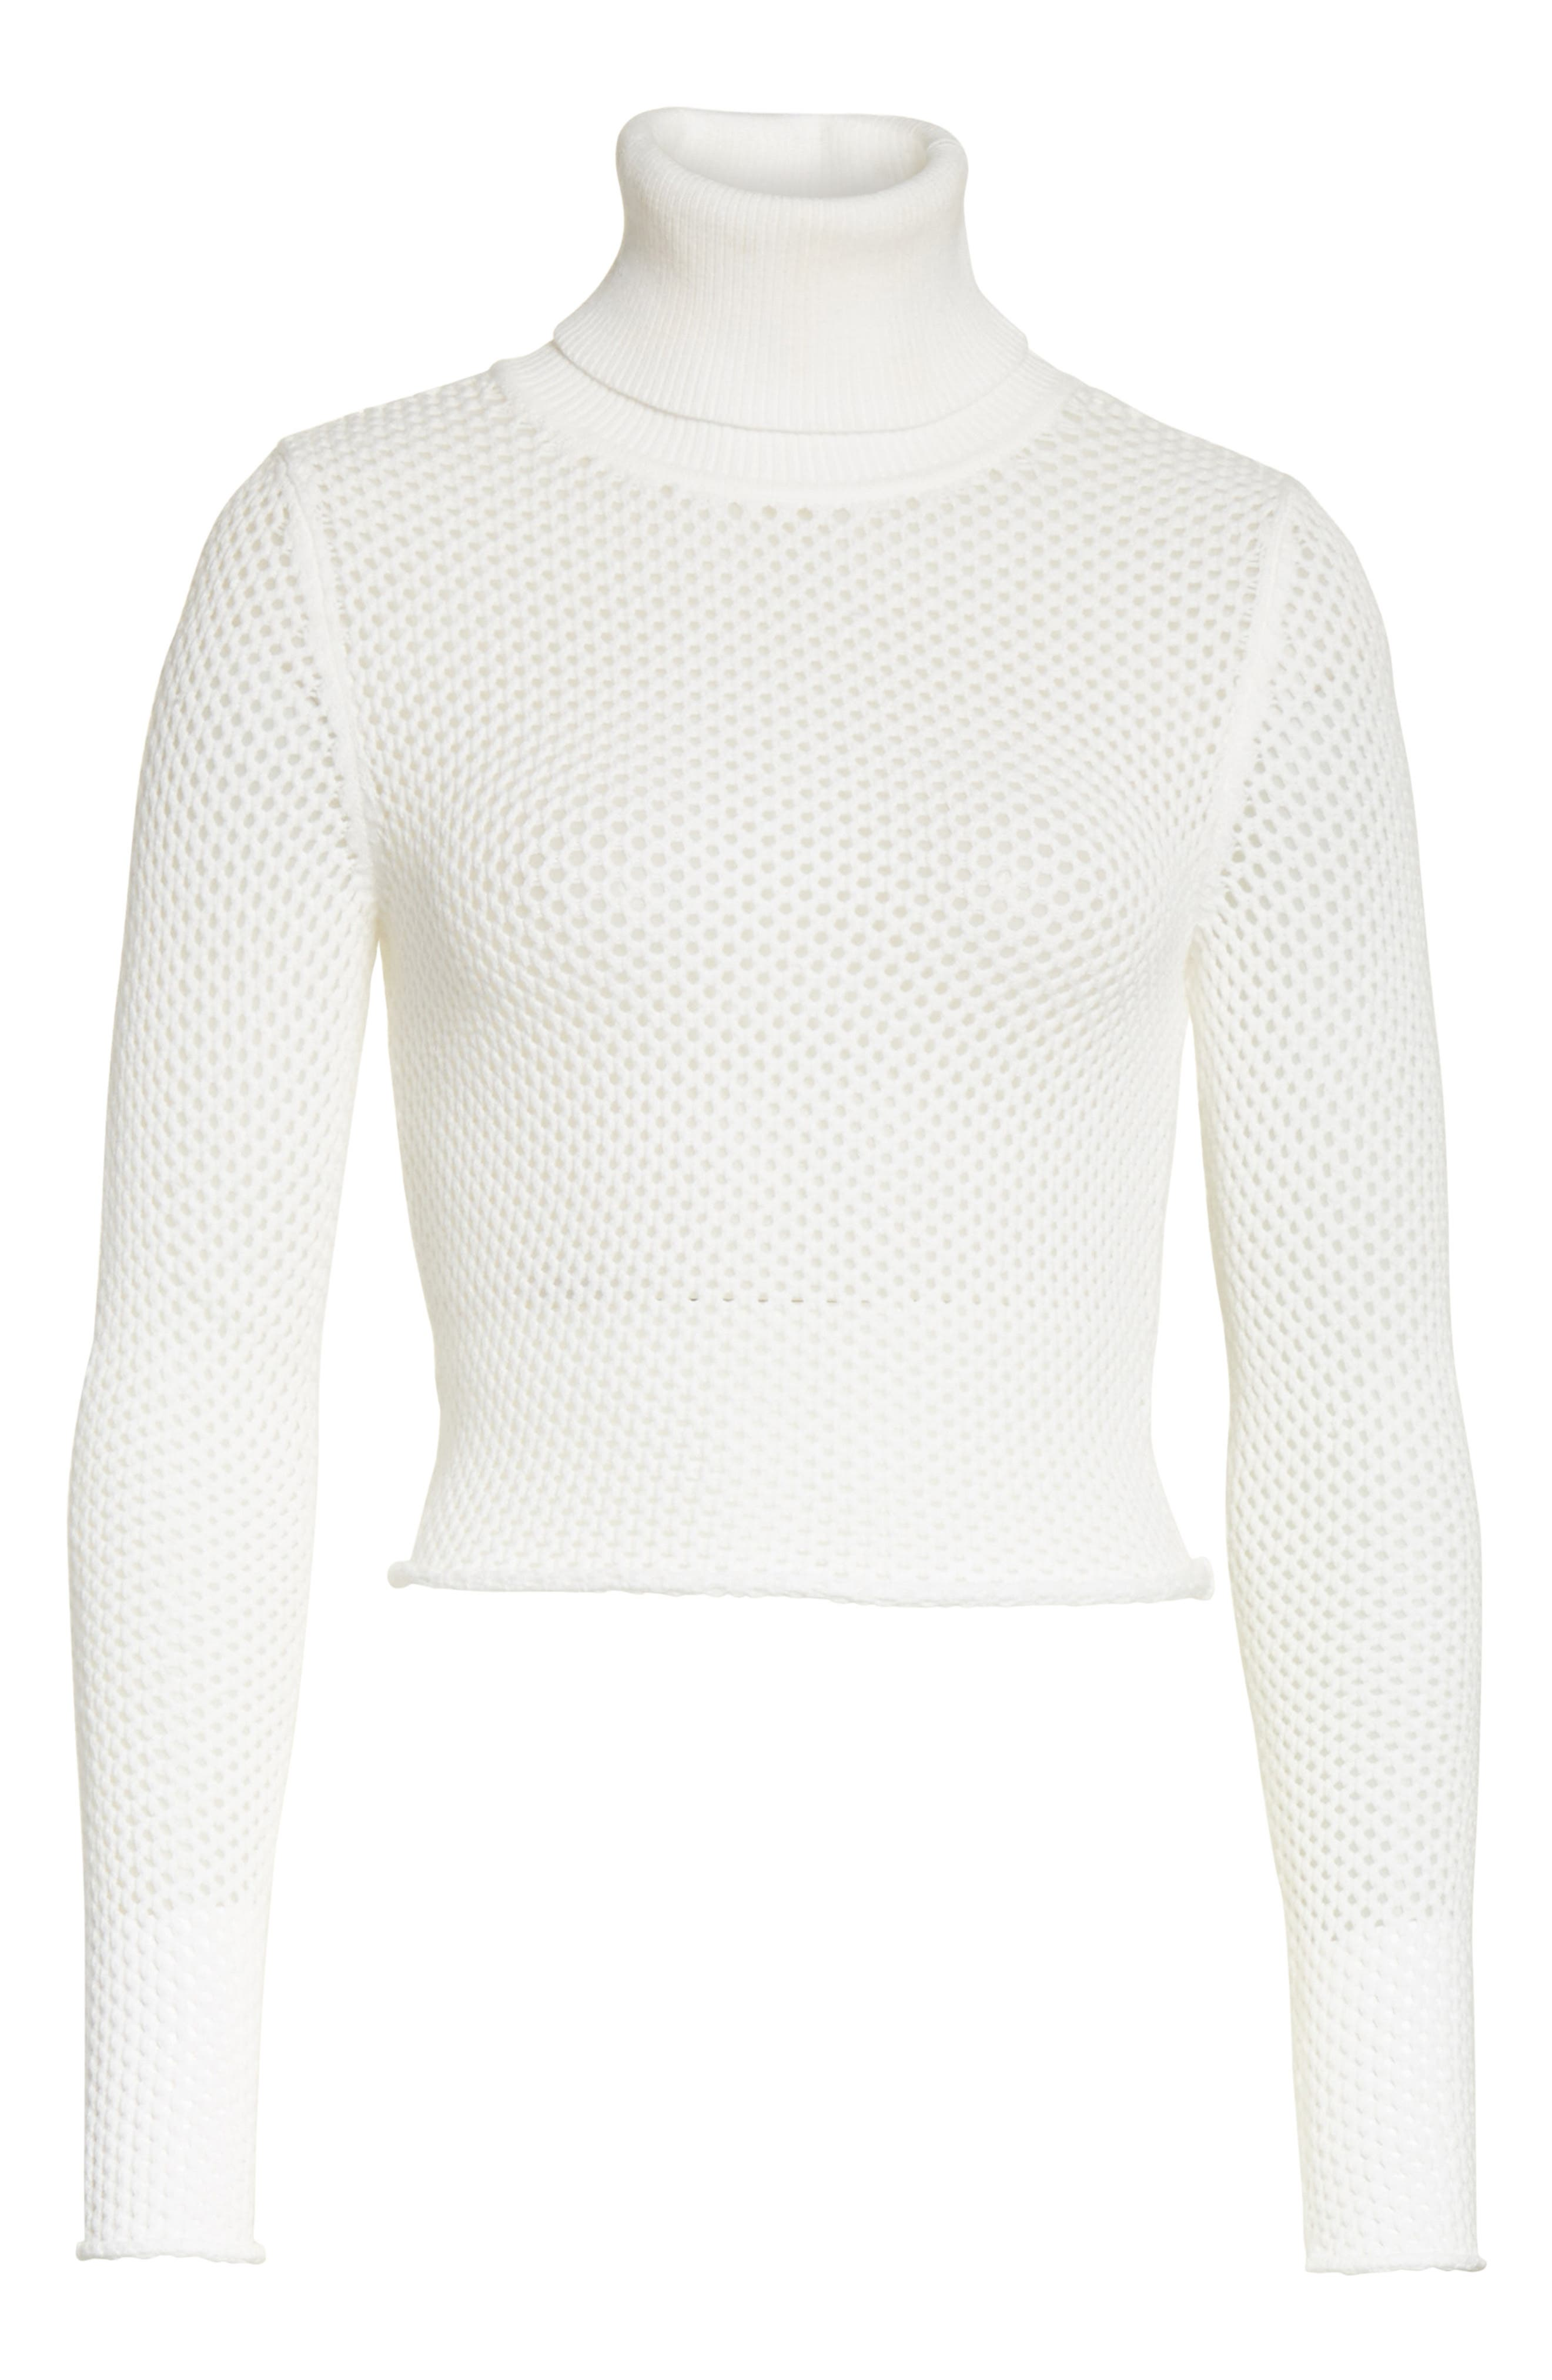 Jones Fishnet Sweater,                             Alternate thumbnail 12, color,